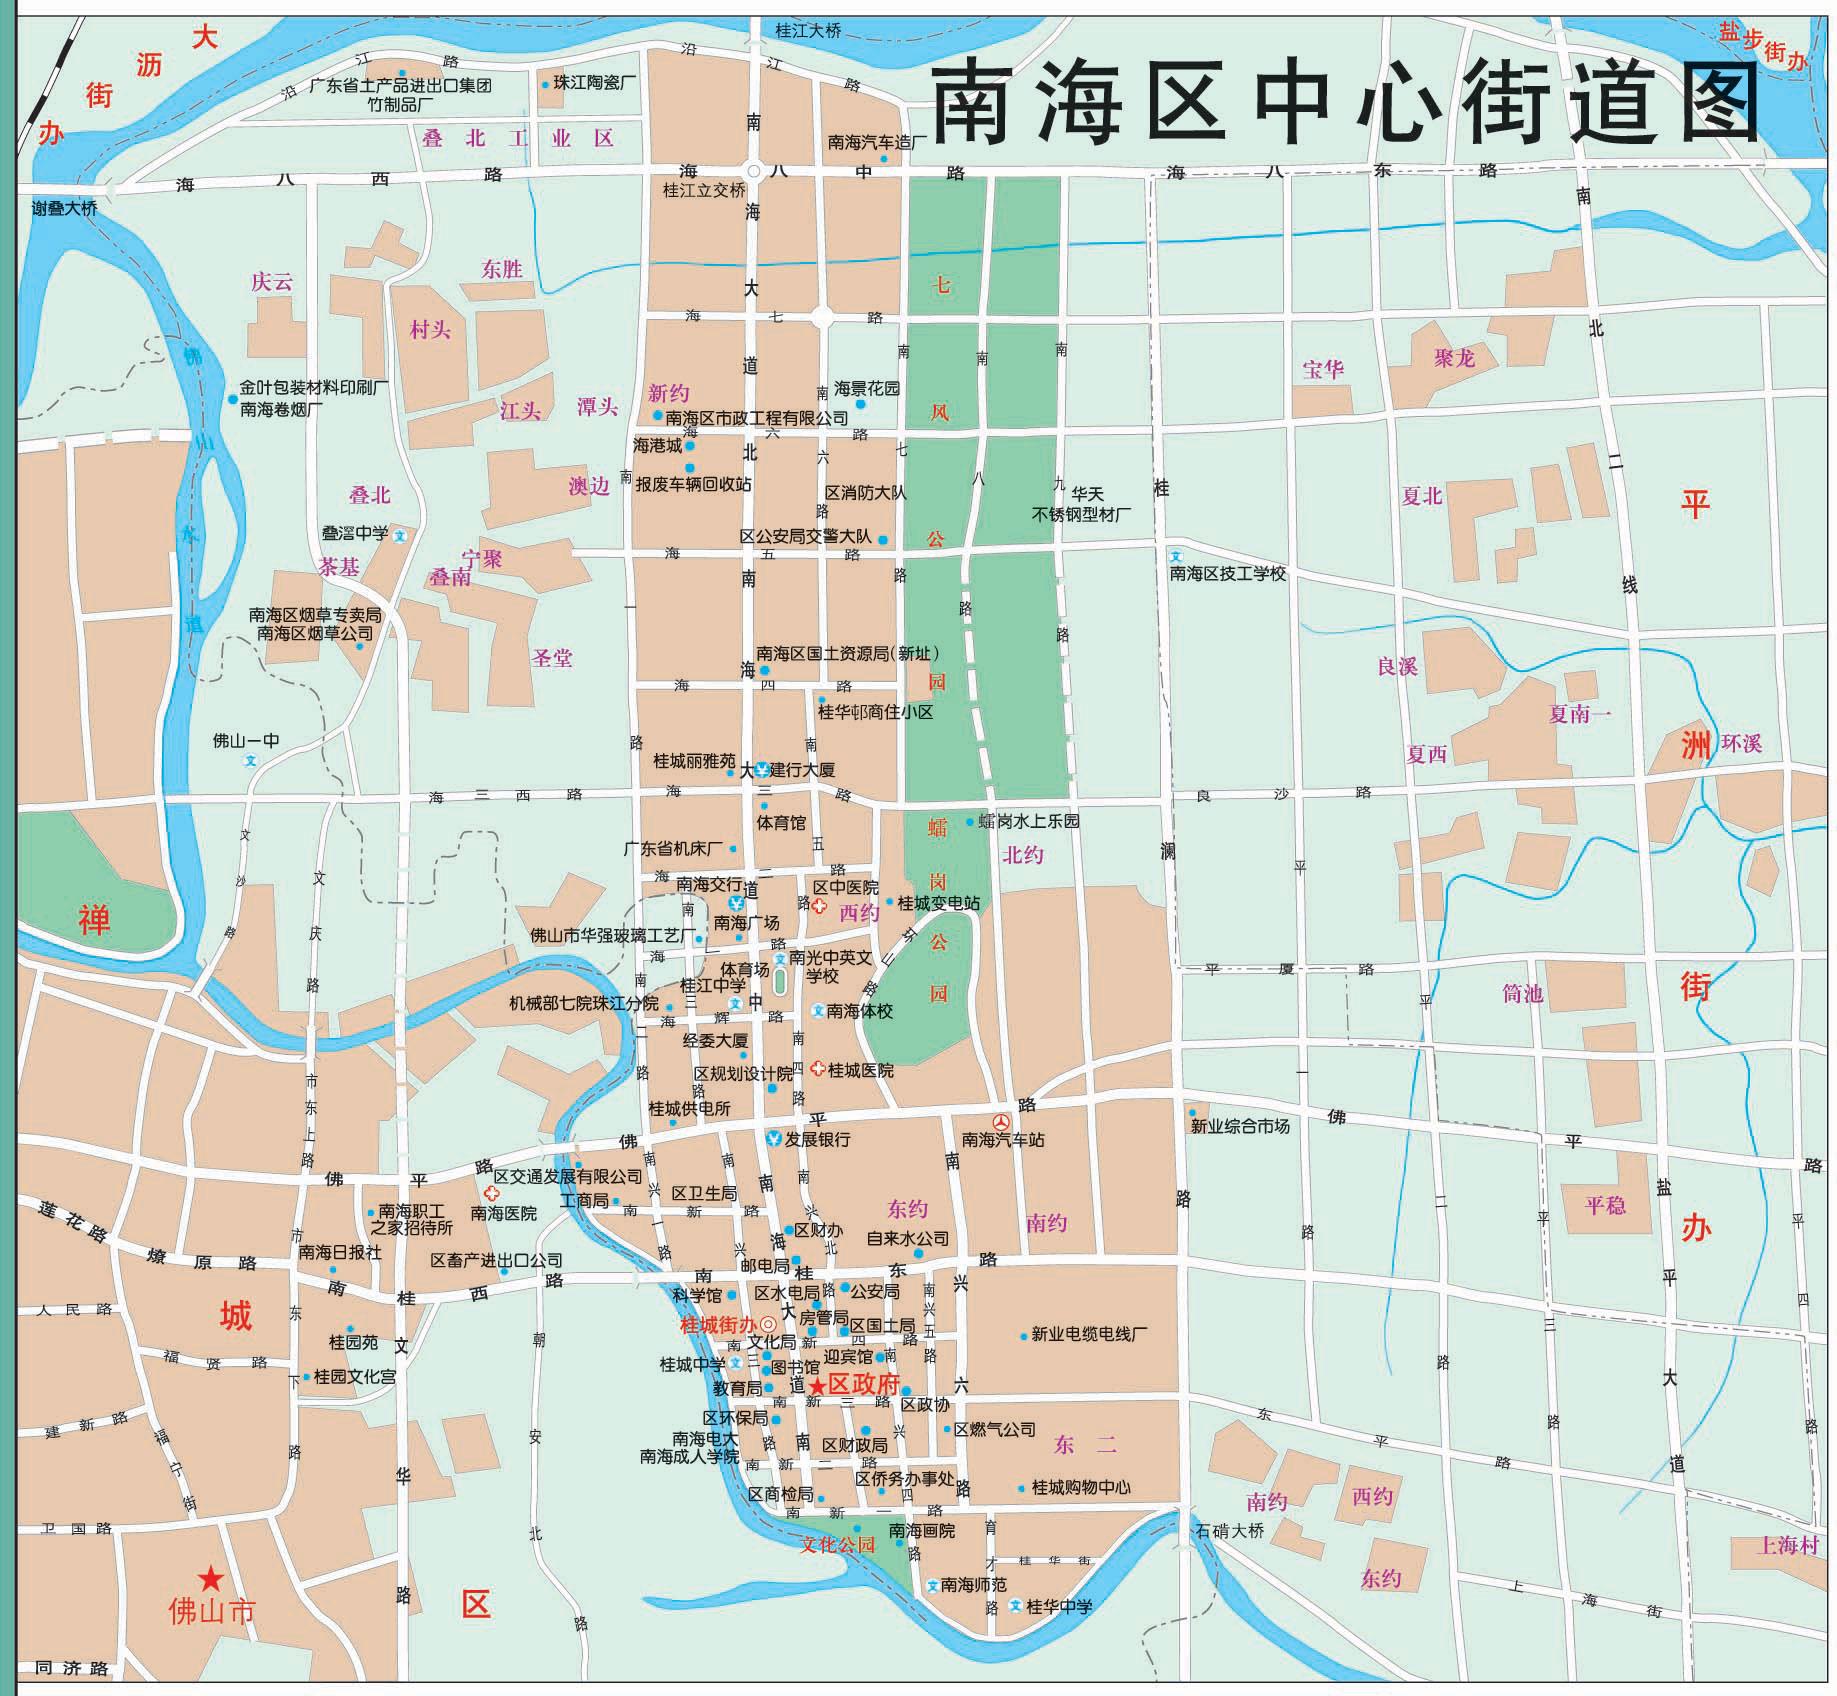 广东佛山市禅城区地图_广东佛山禅城区地图图片